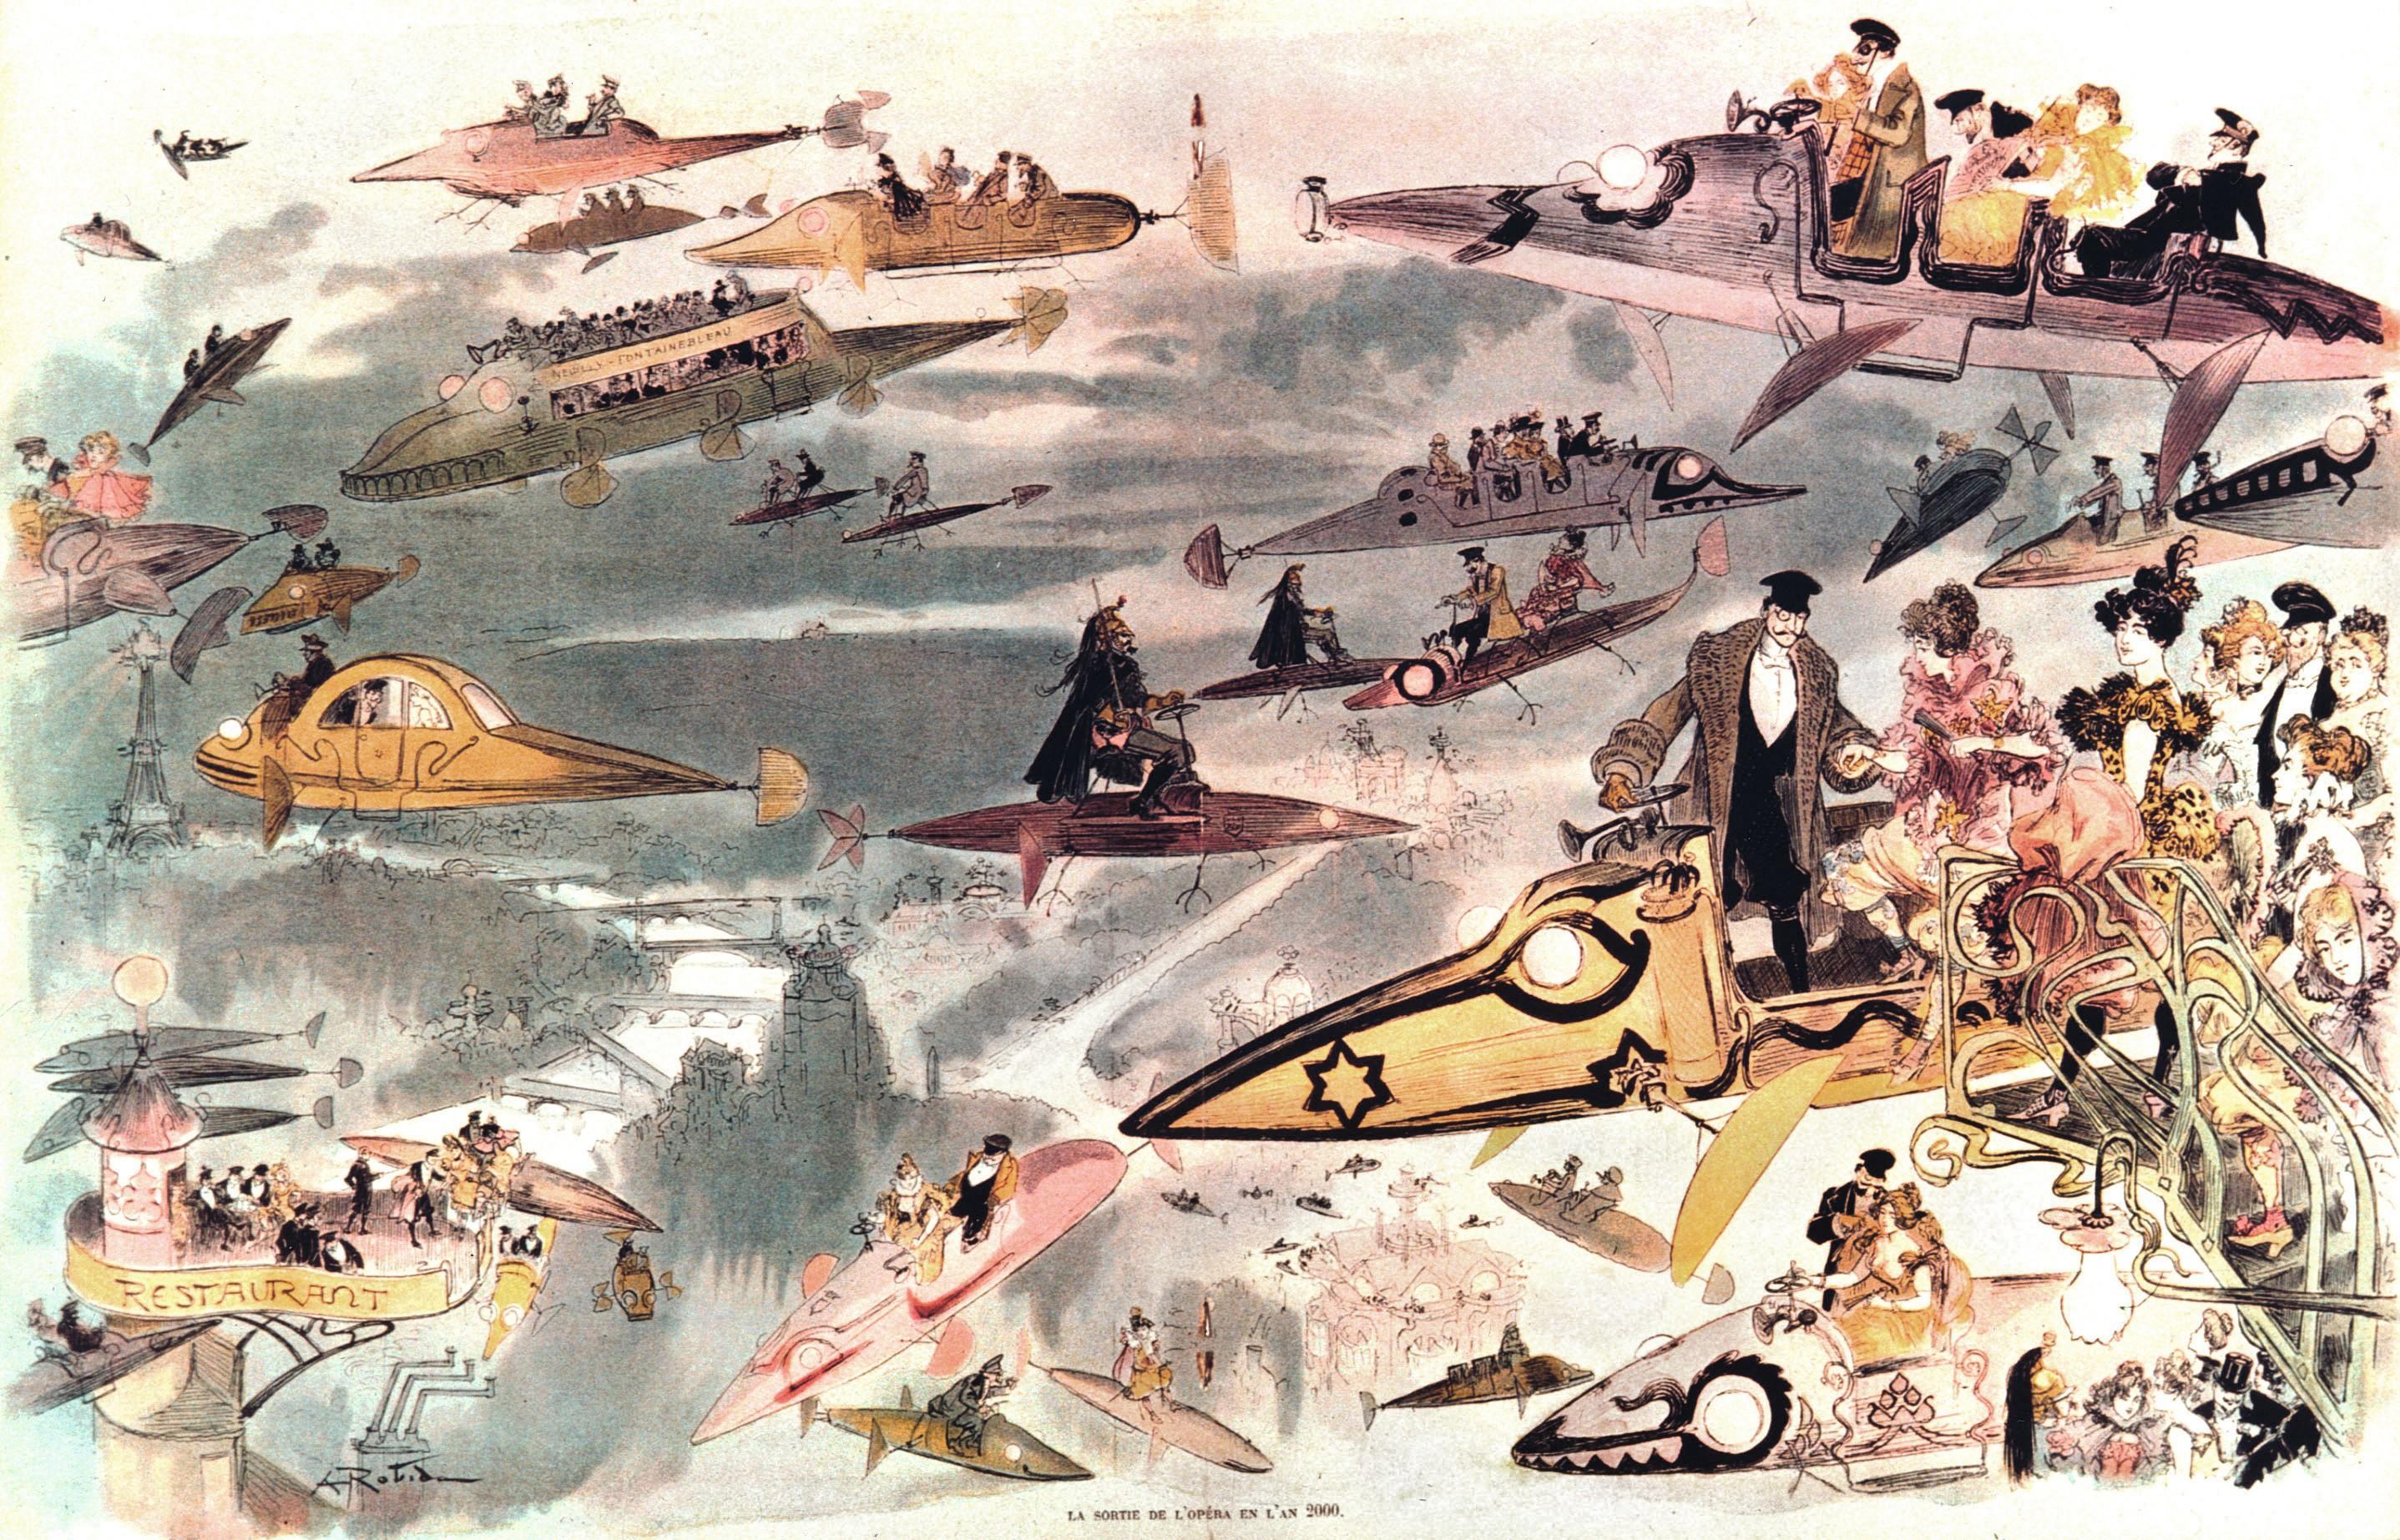 Albert Robida, Sortie de l'opéra en 2000, 1902, lithographie en couleur, BnF, Paris.